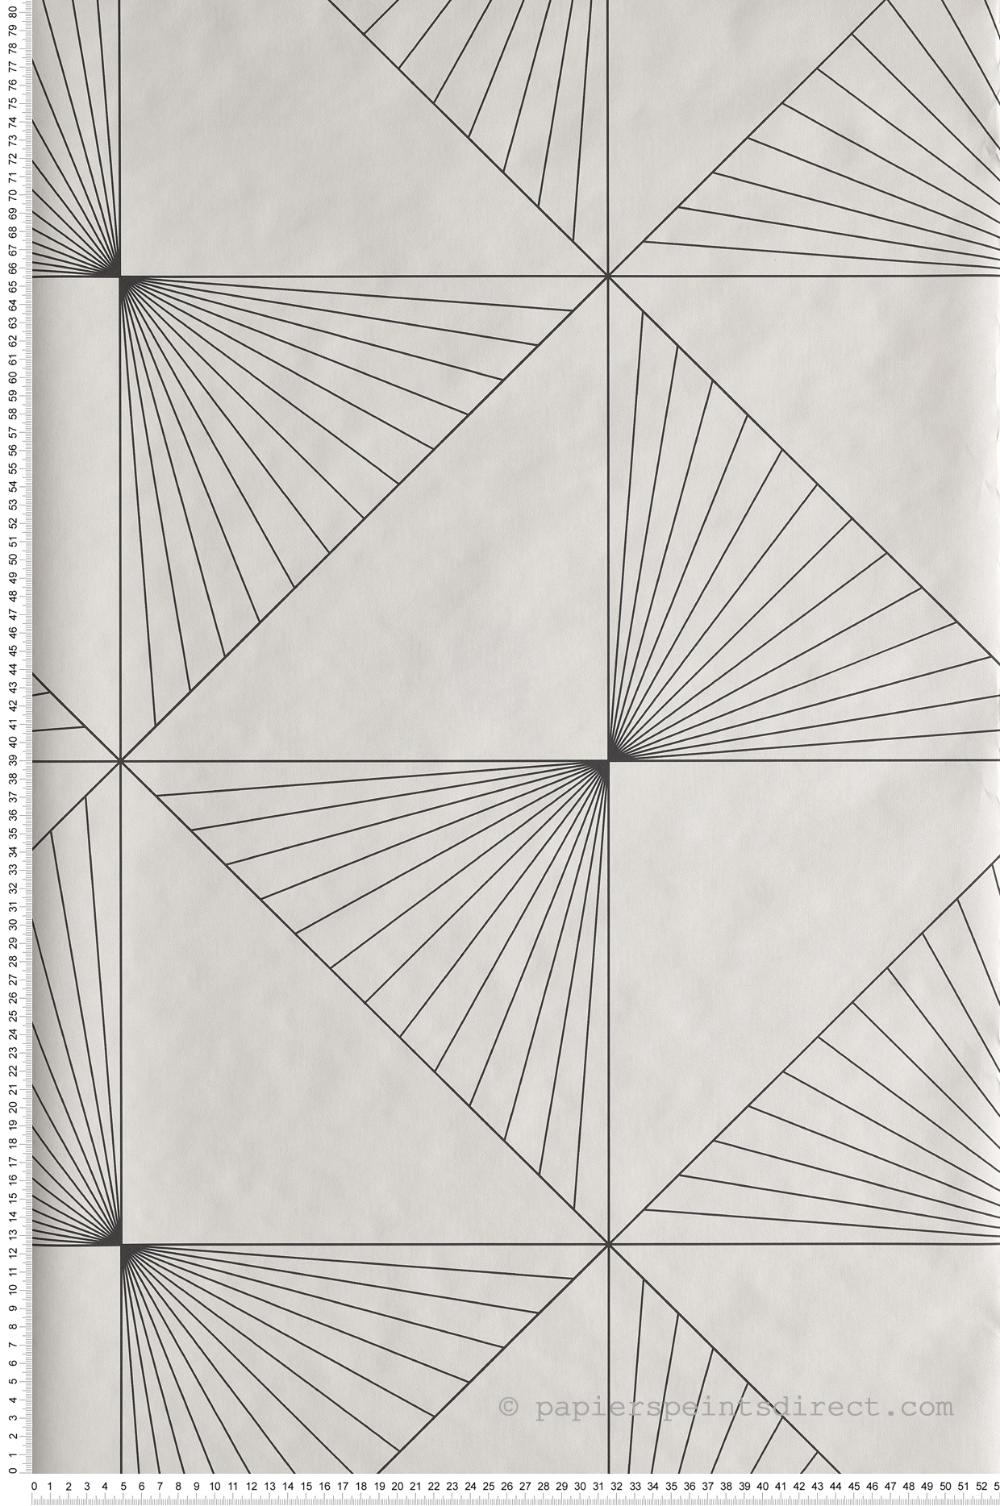 Papier Peint Noir Et Blanc Graphique papier peint graphique sunset noir et blanc - moonlight de